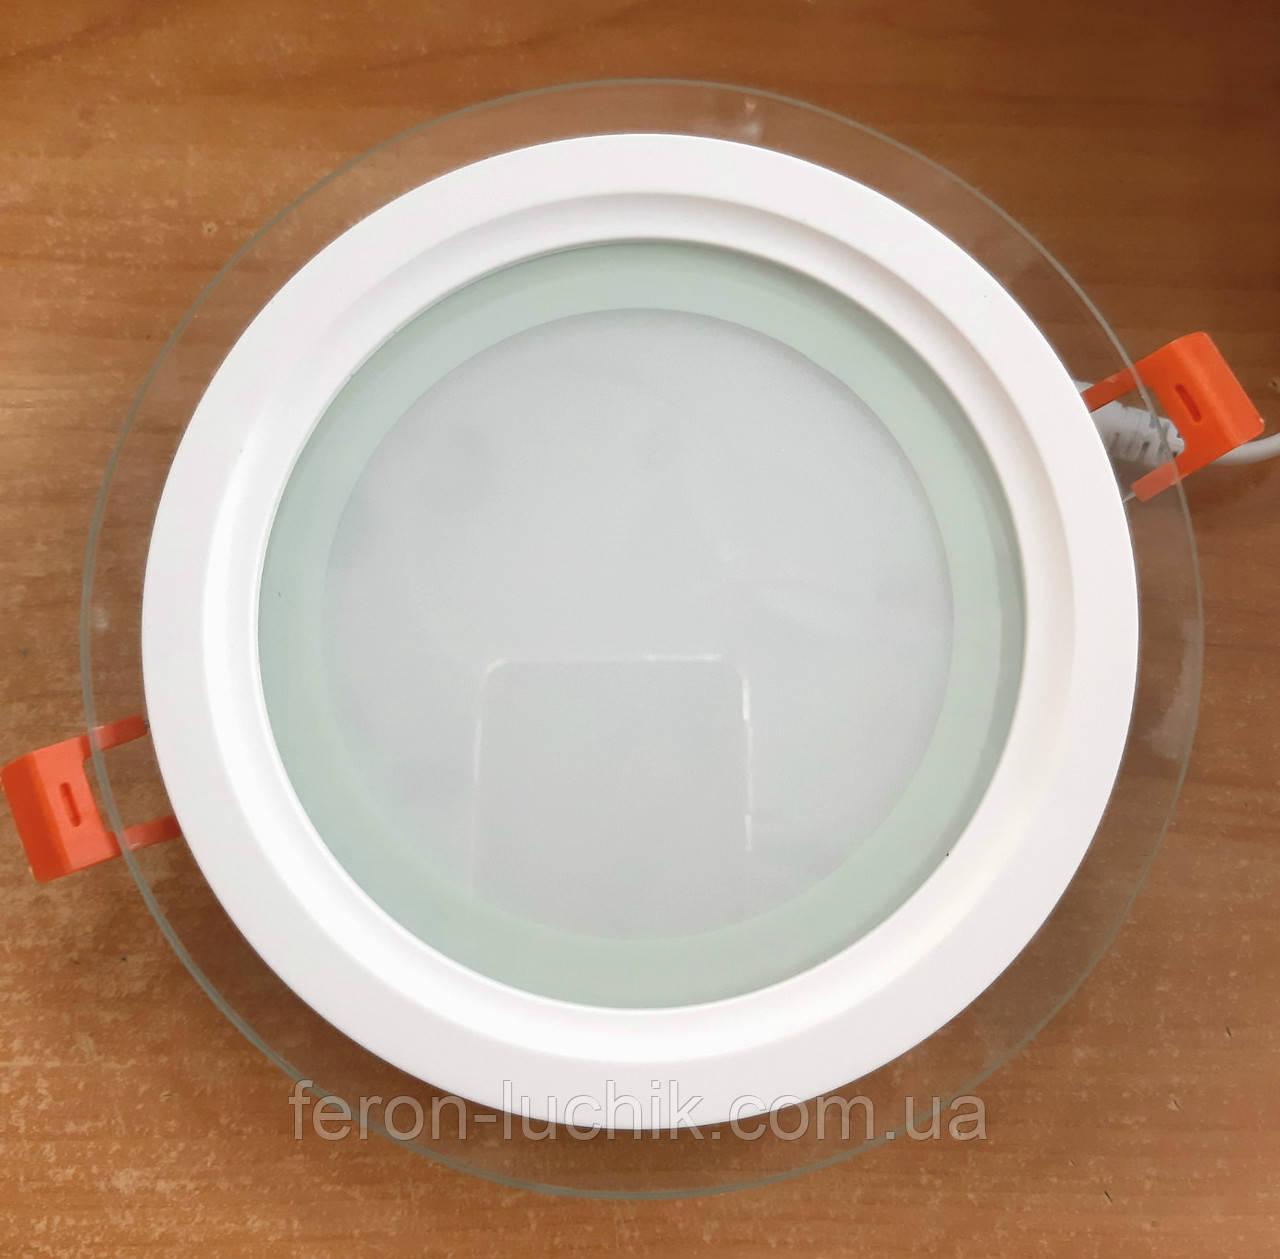 Світильник LED 12w 5000К Feron AL2110 світлодіодний стельовий вбудовуваний зі склом